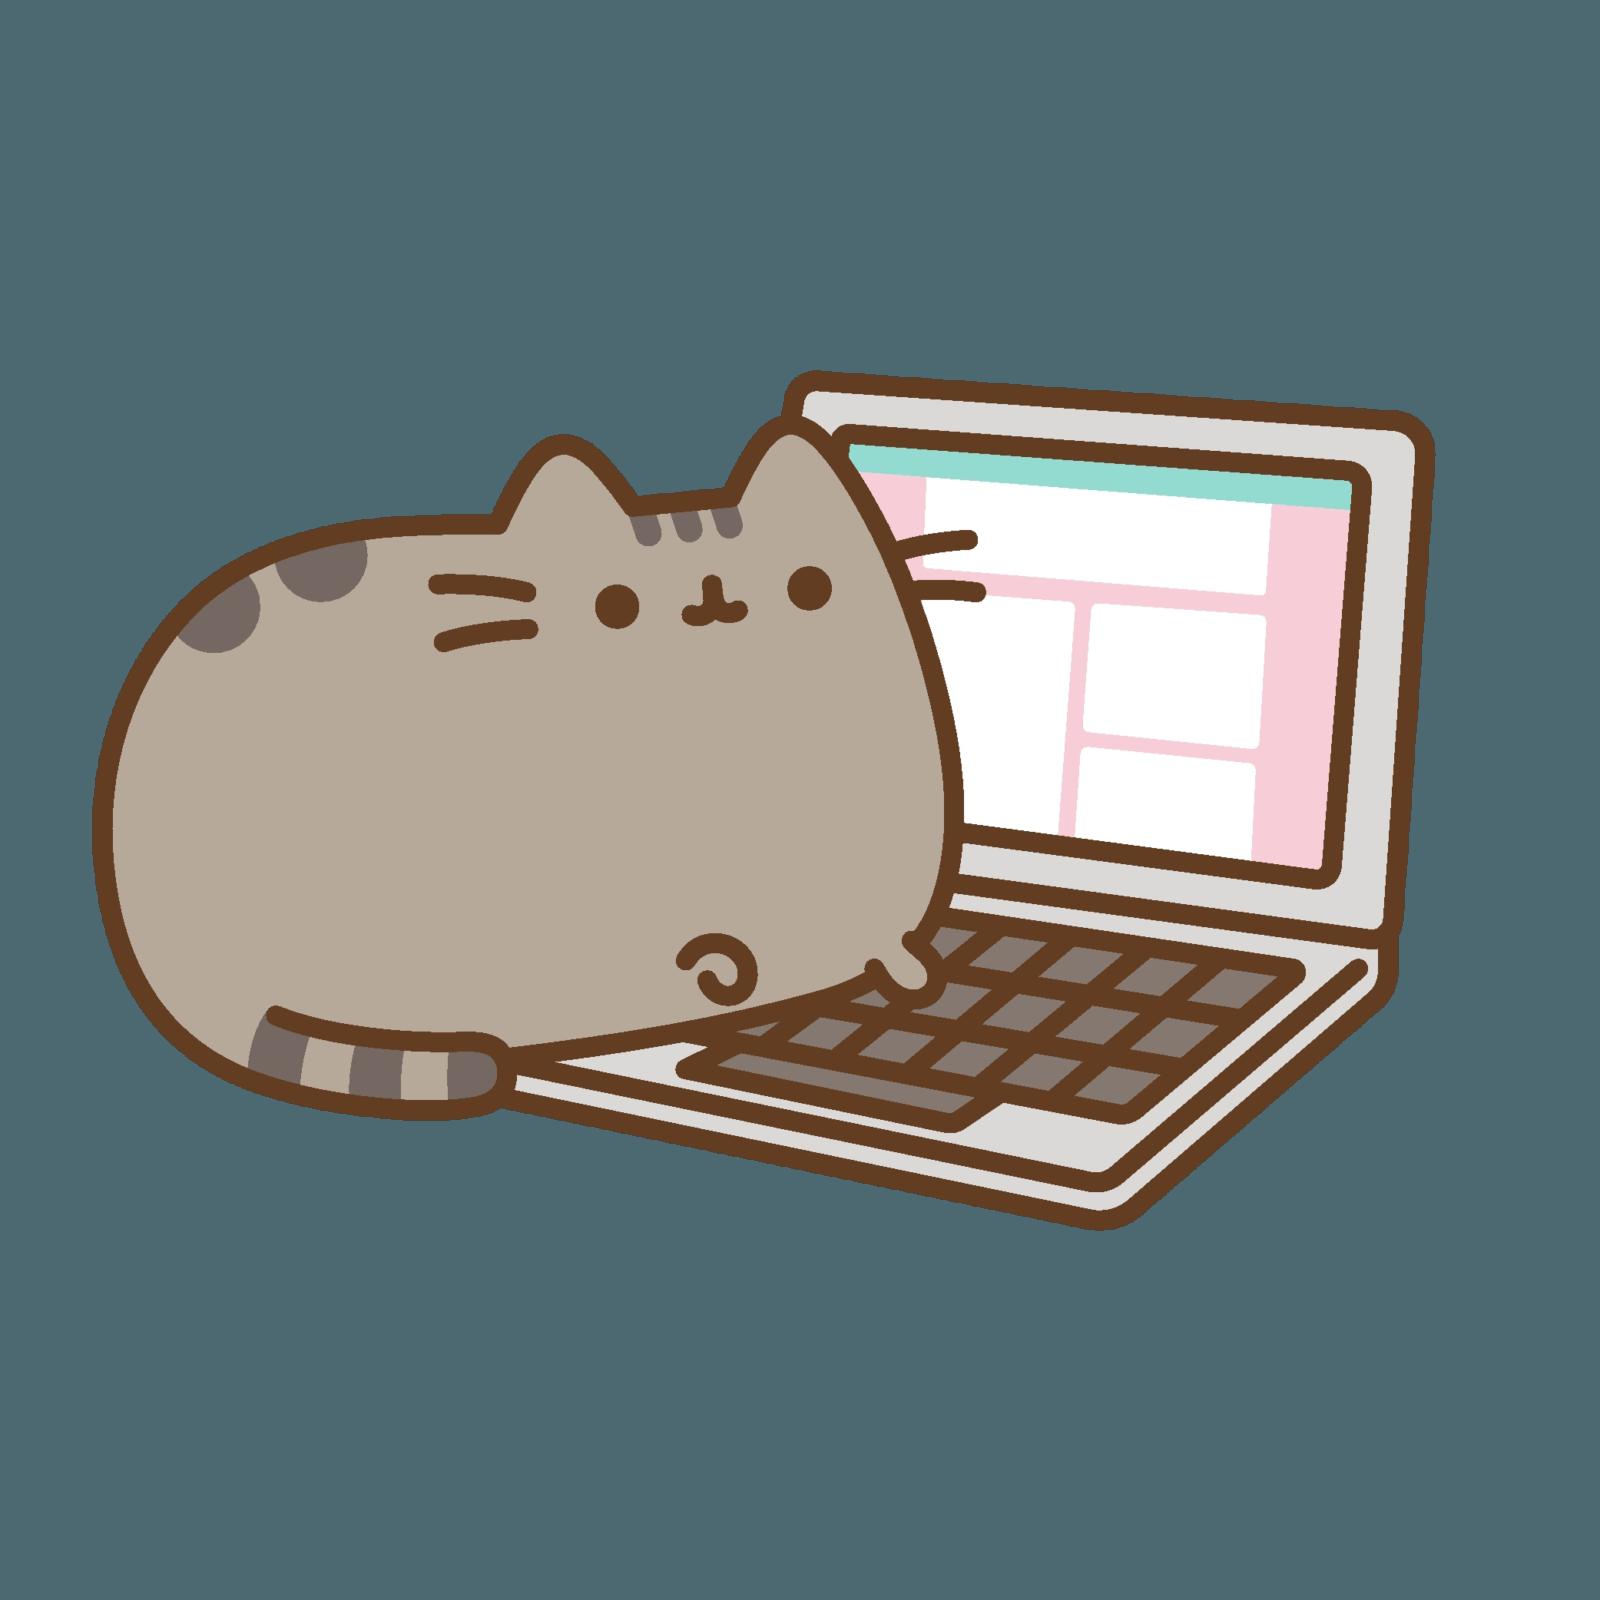 кот Пушин 16